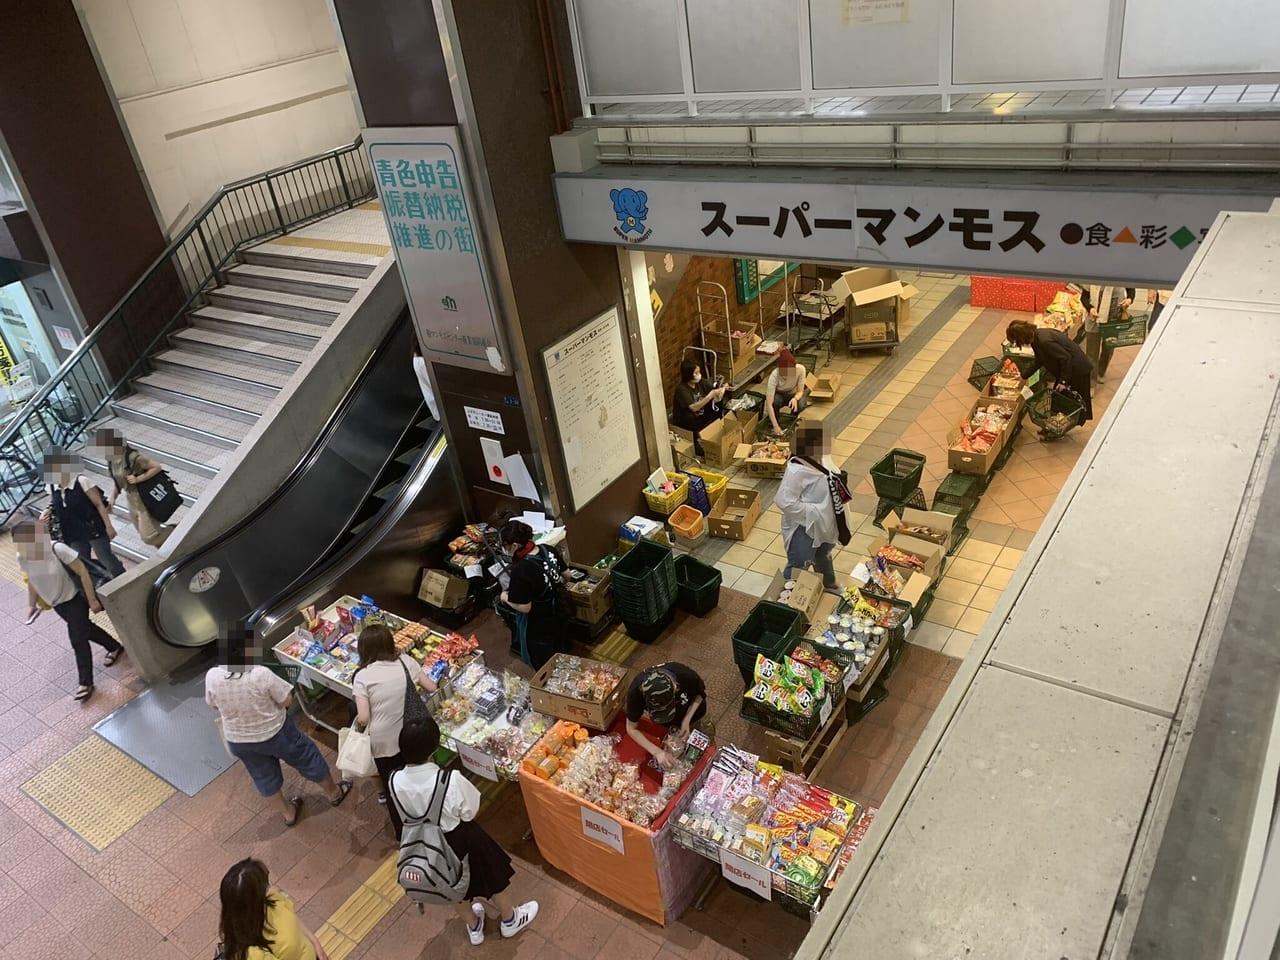 阪神電車 本線 千船駅 スーパーマンモス 食彩宴